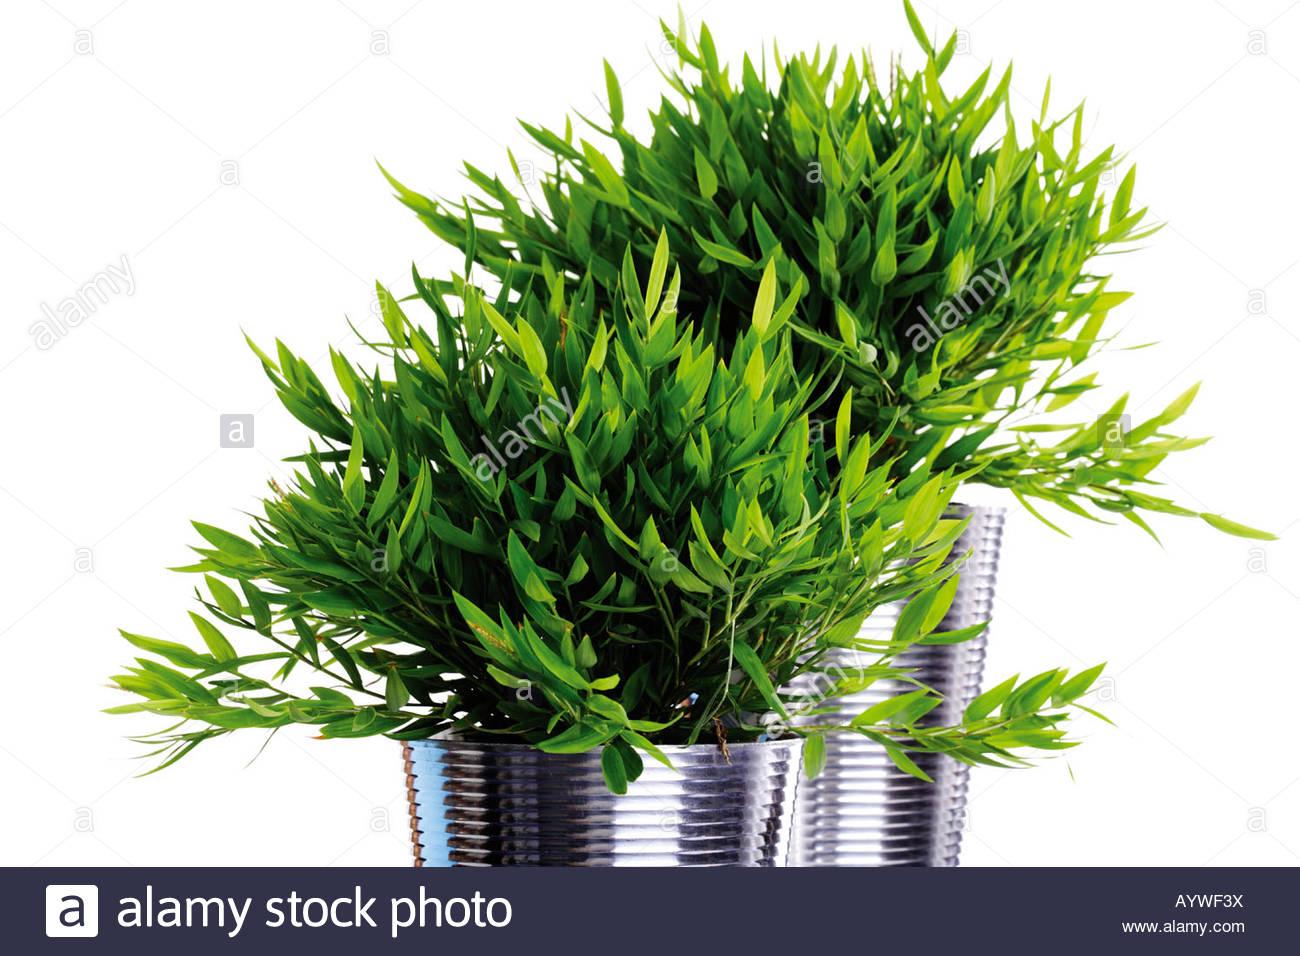 Bambus Pflanzen, Zimmerpflanze, Indoor Anlage Stockbild